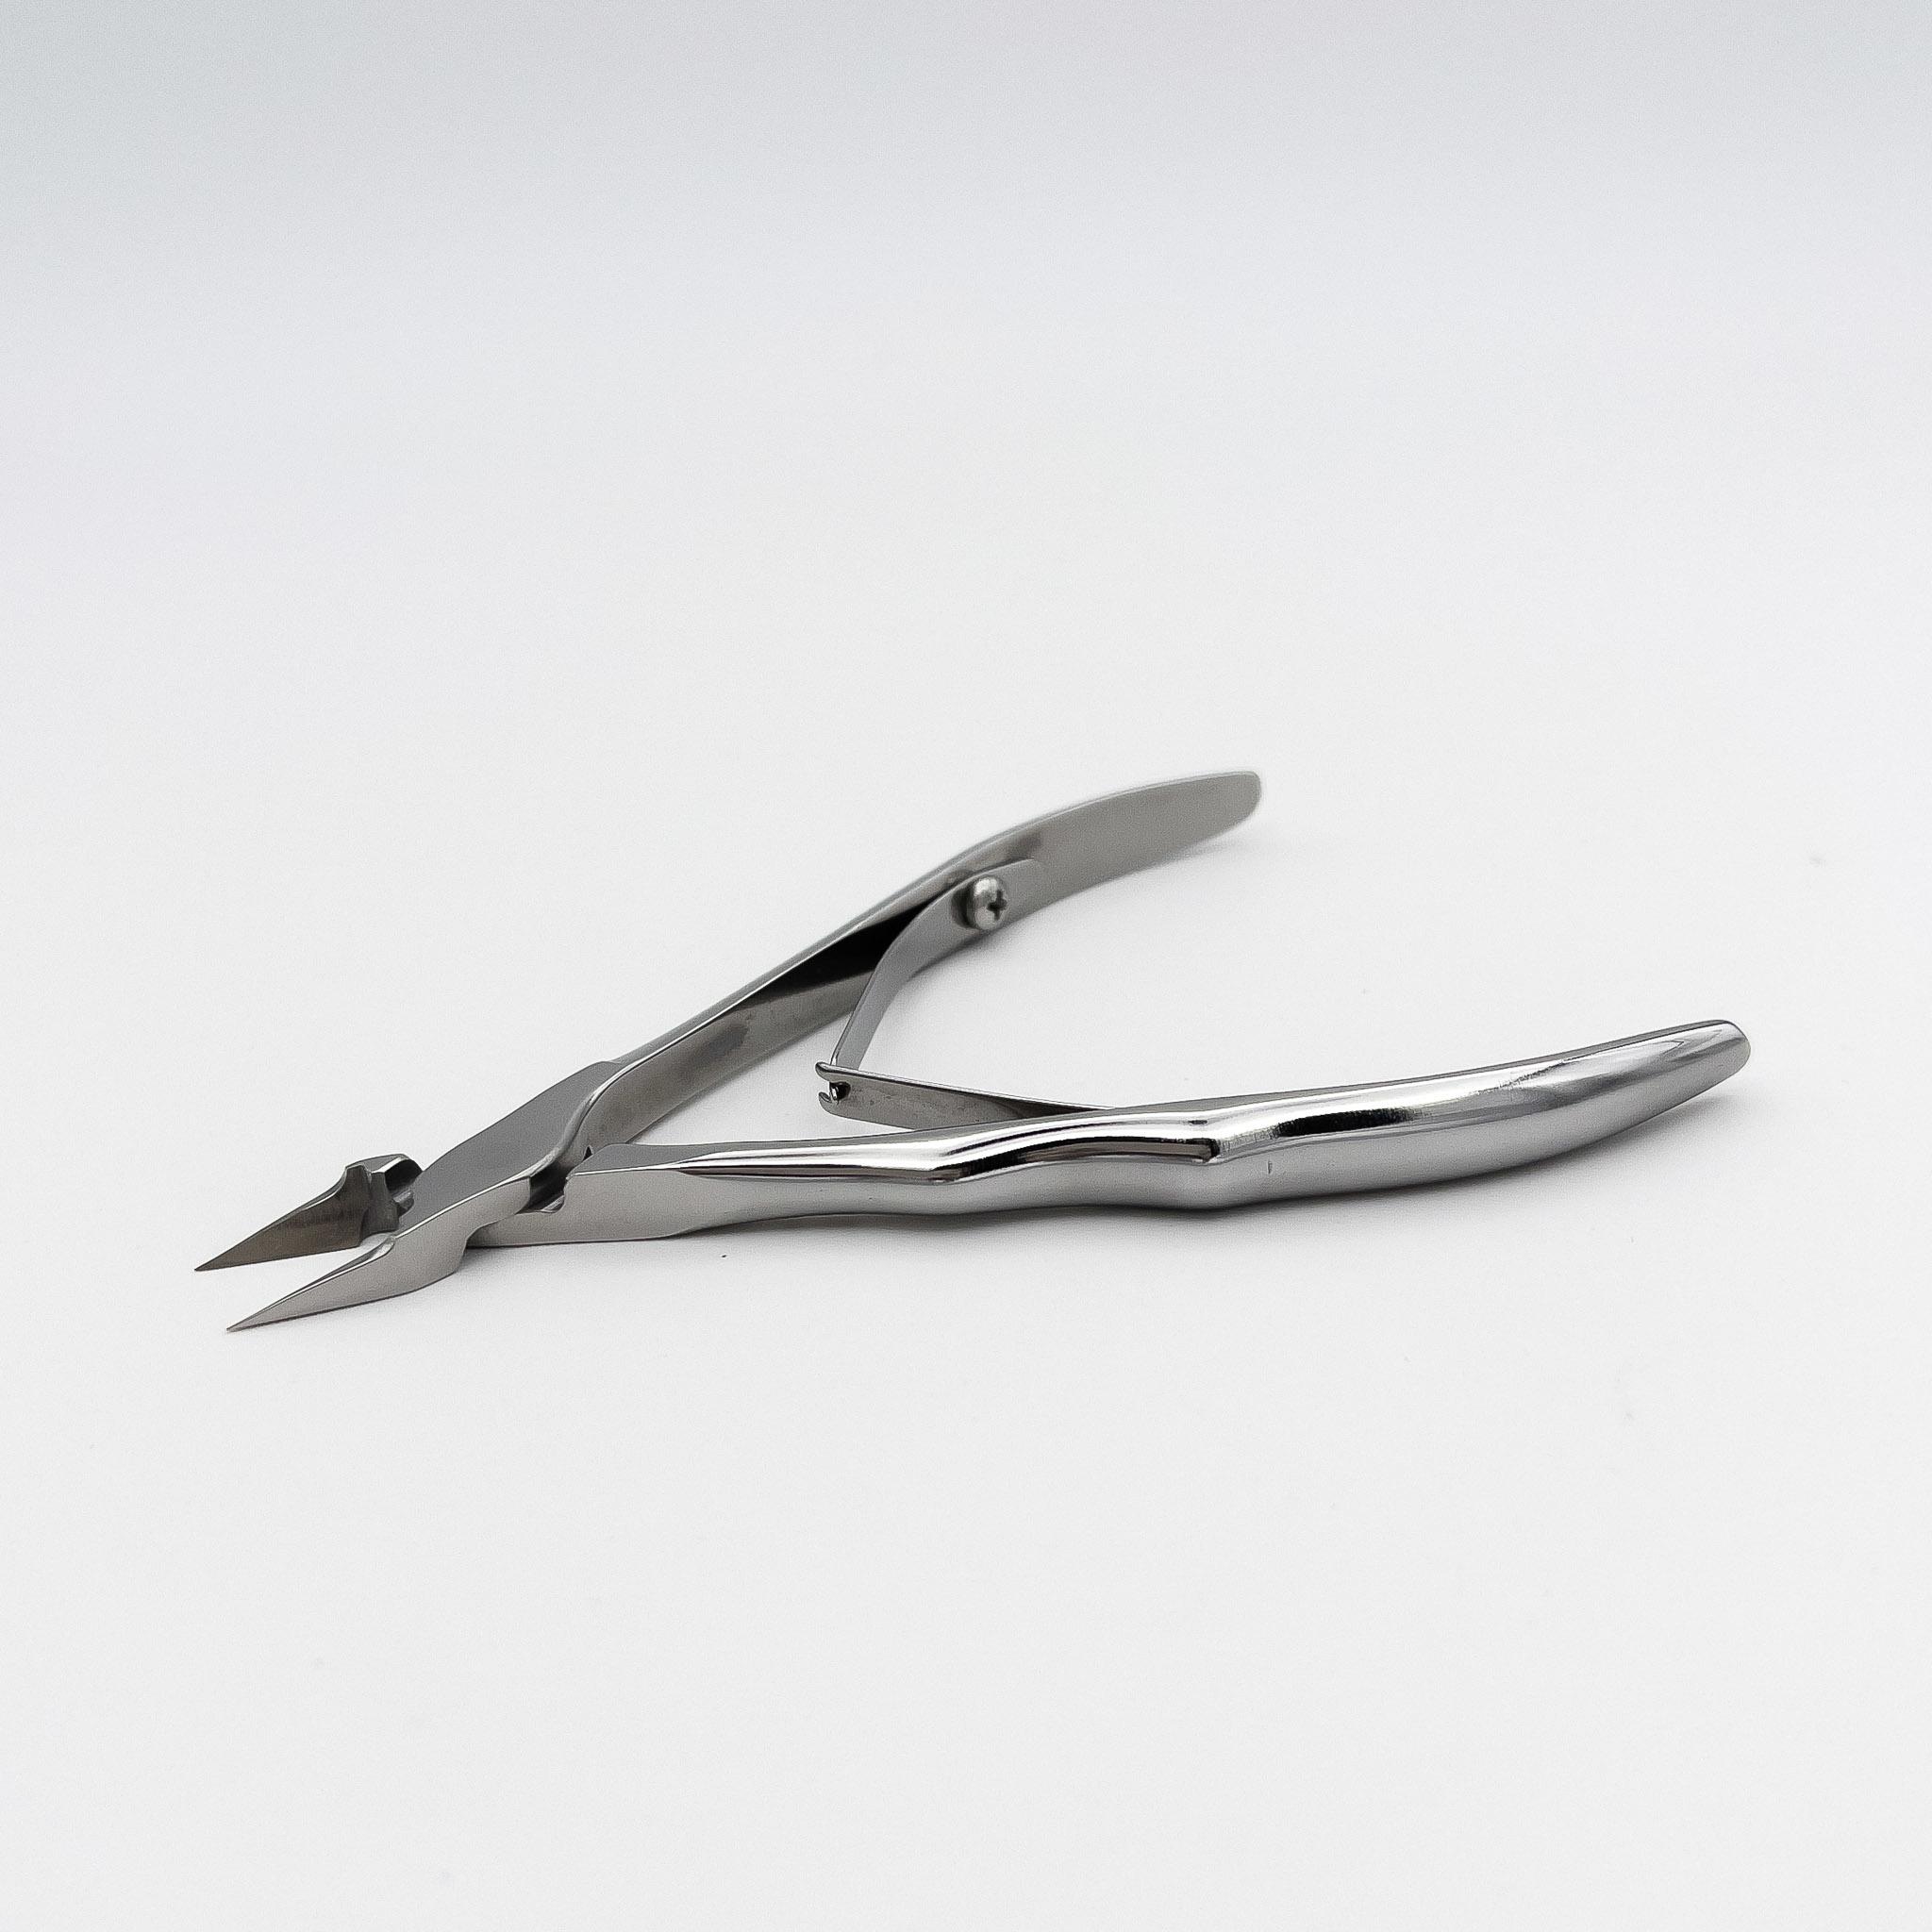 STALENA Pince à ongles incarnés petite - pointu  avec poignée ergonomique K-09 (N7-61-12)